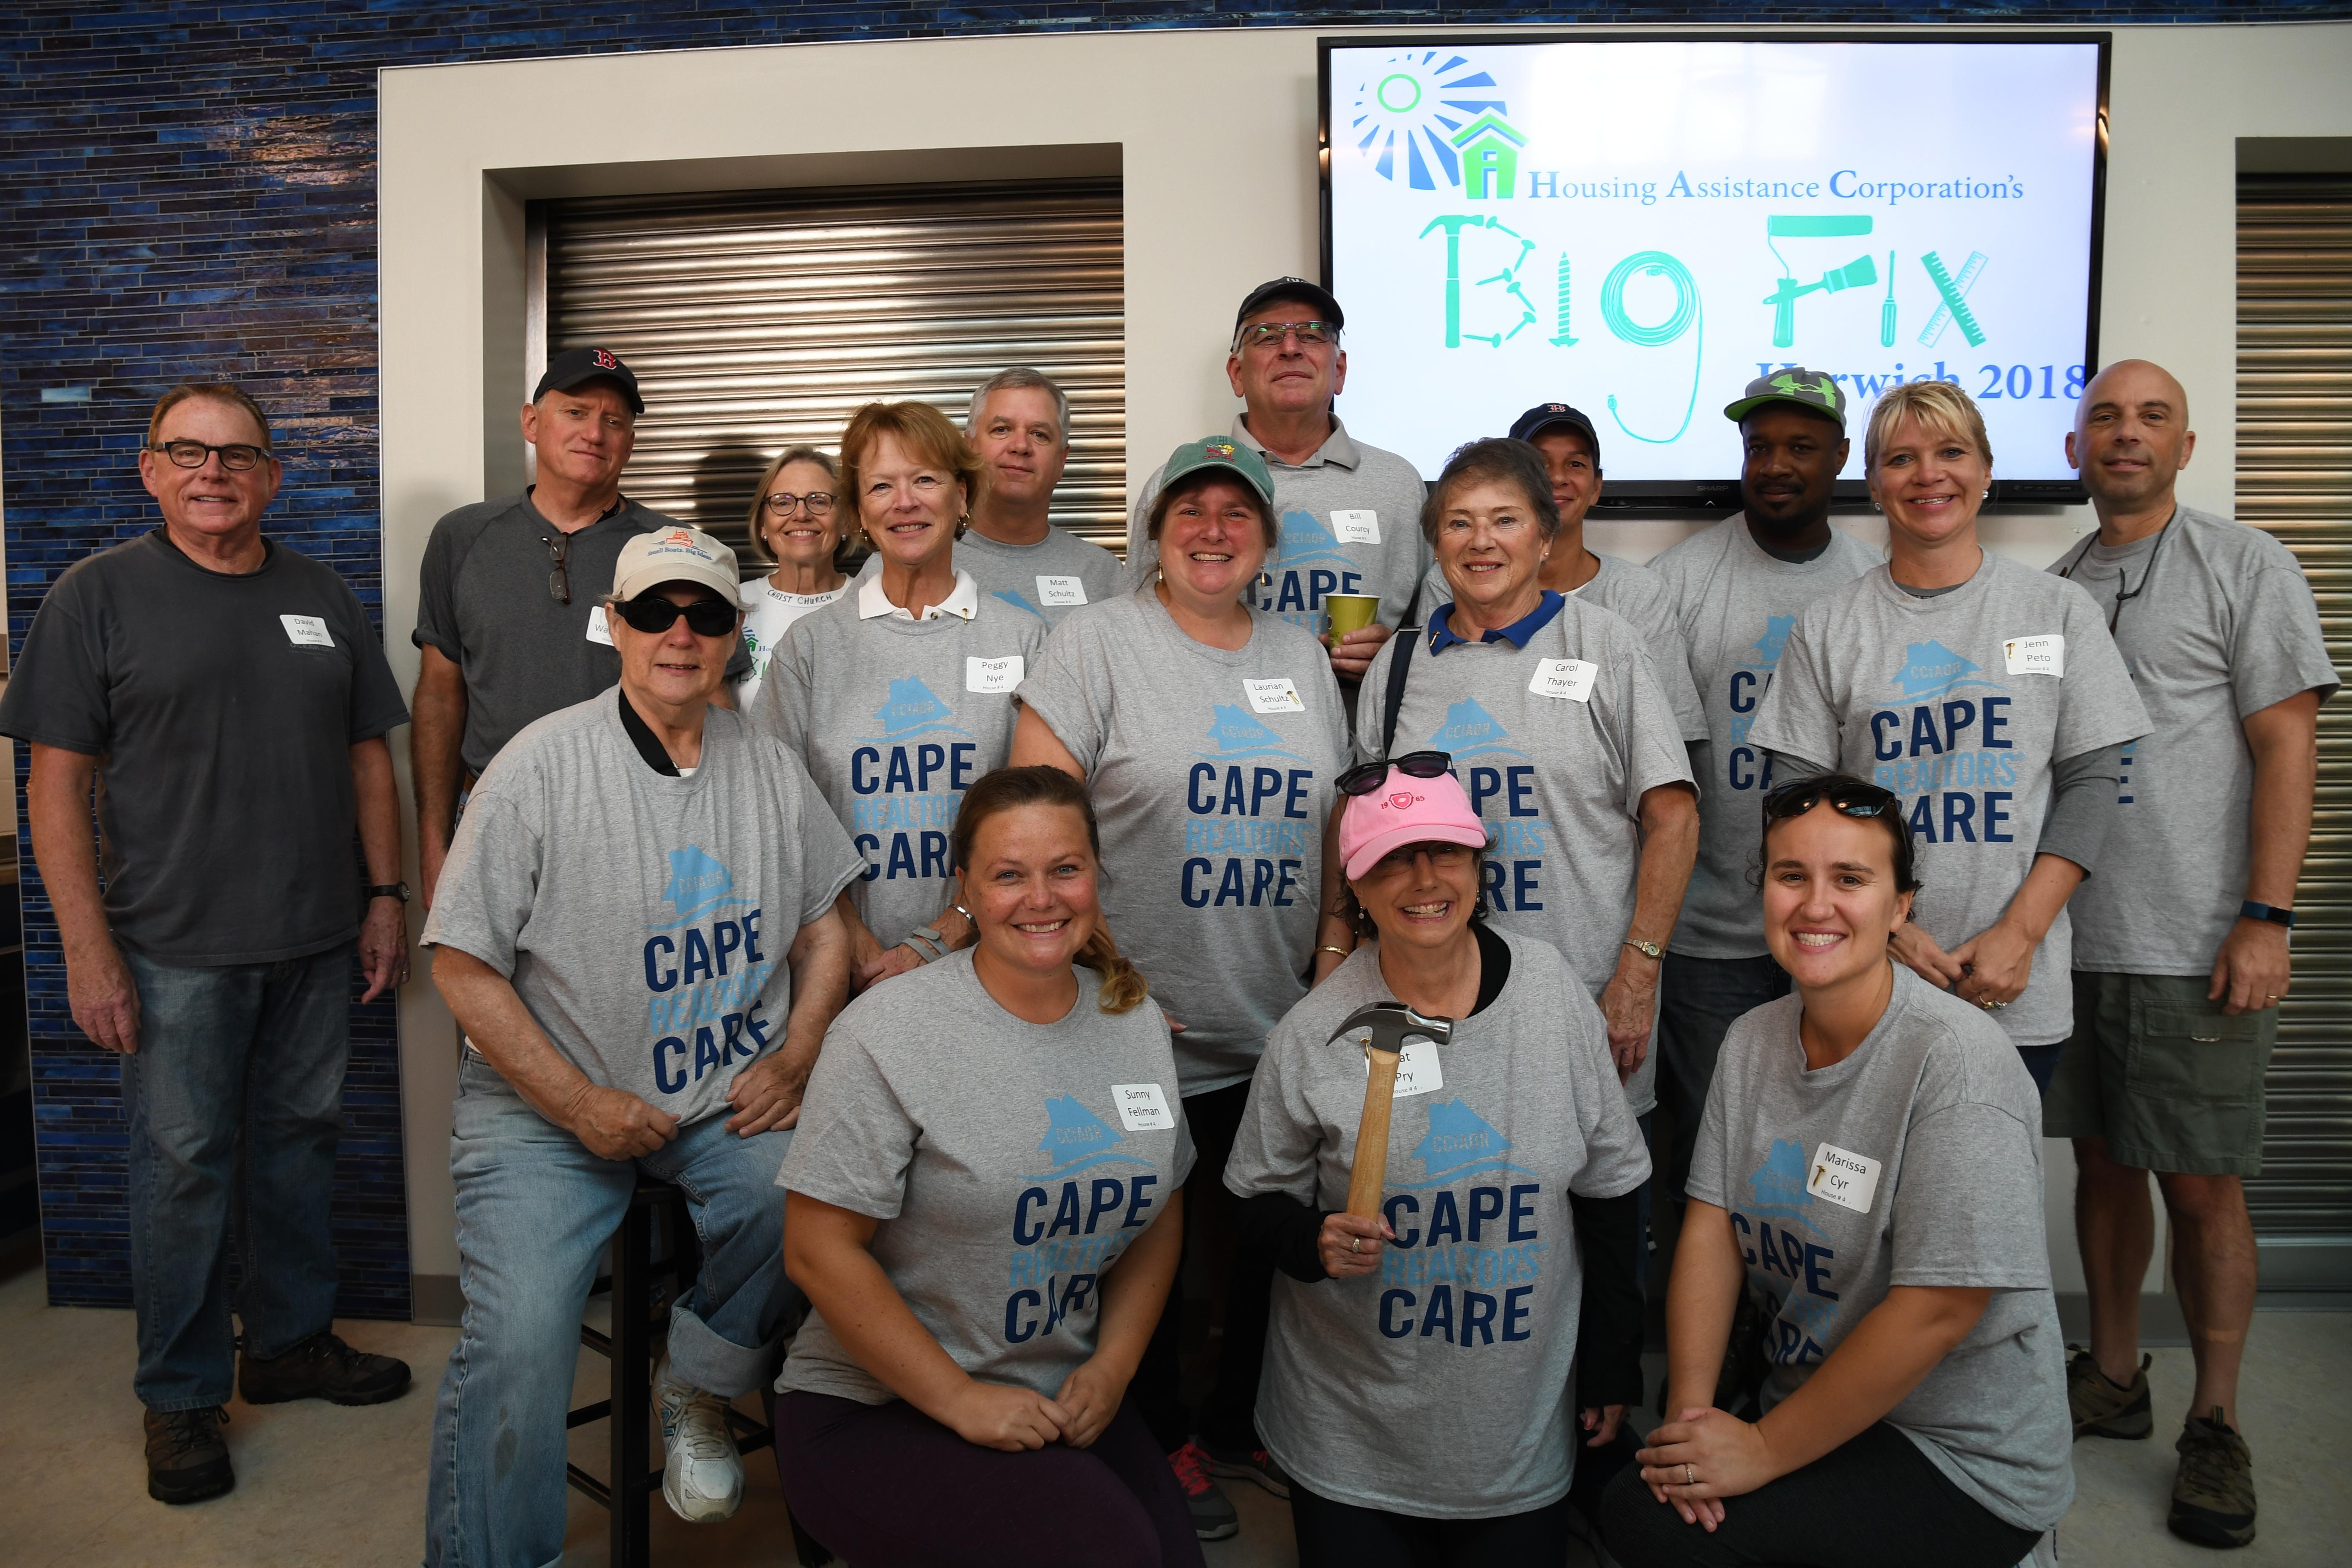 Cape Realtors Care Photo